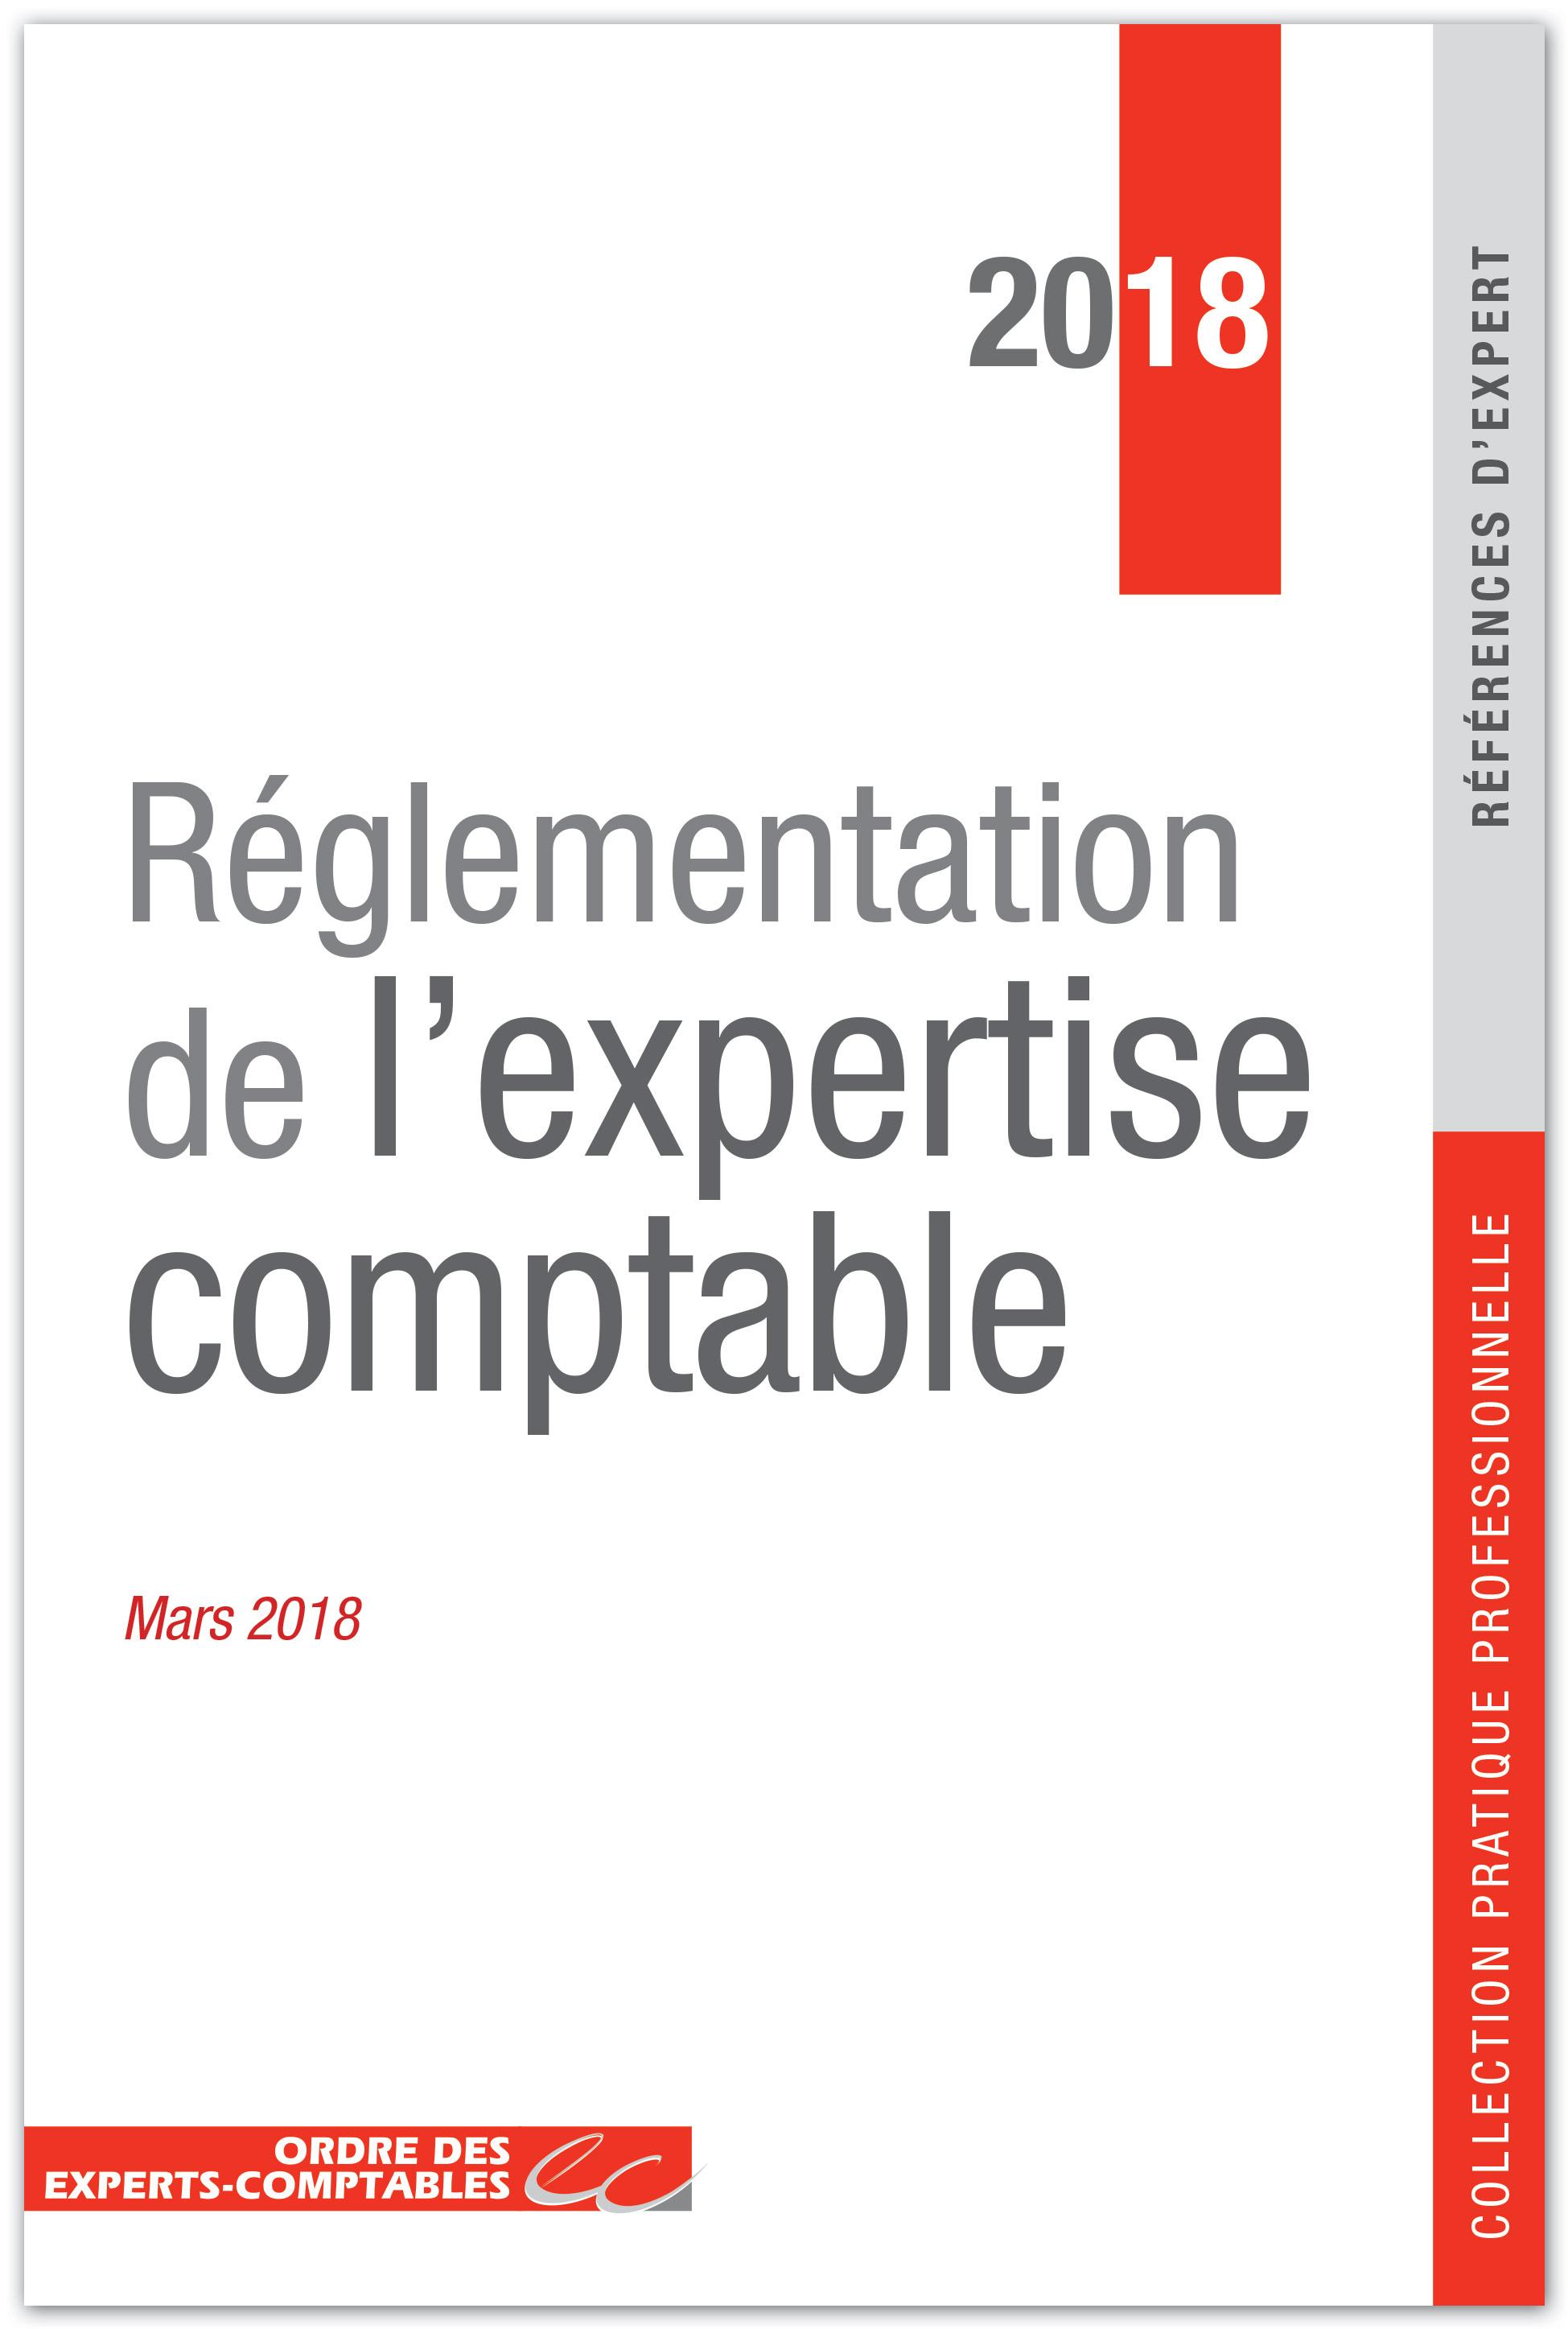 réglementation-de-l-expertise-comptable